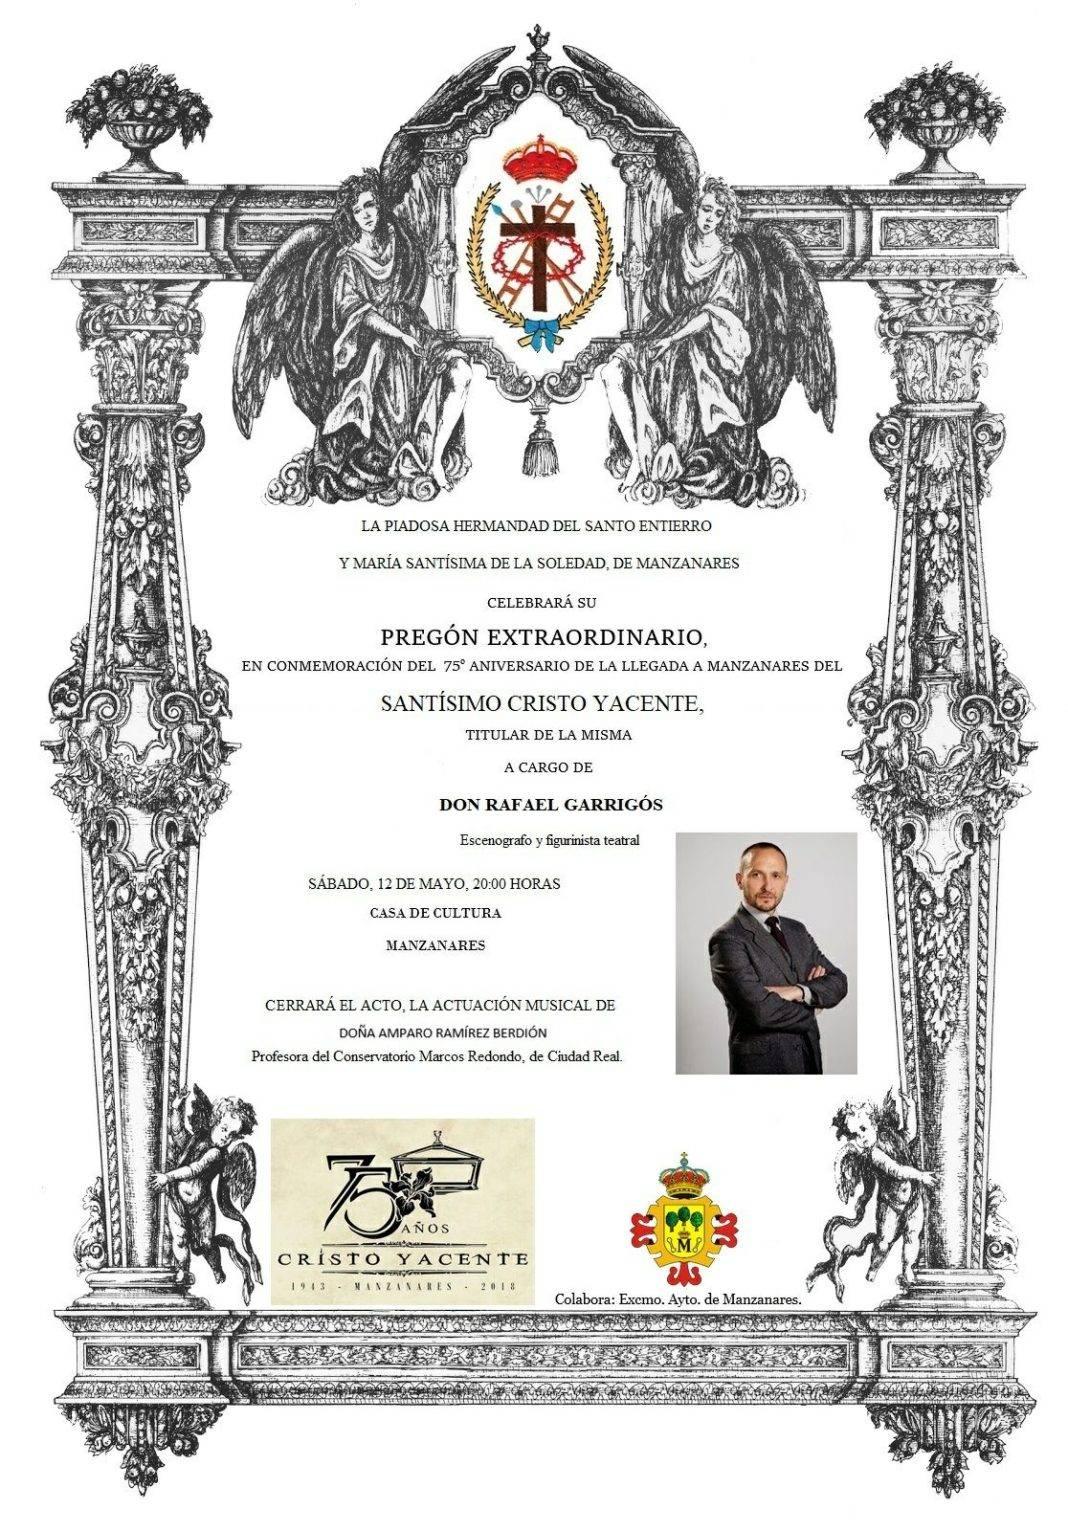 Rafael Garrigós dará el pregón extraordinario de la Hermandad del Santo Entierro de Manzanares 4